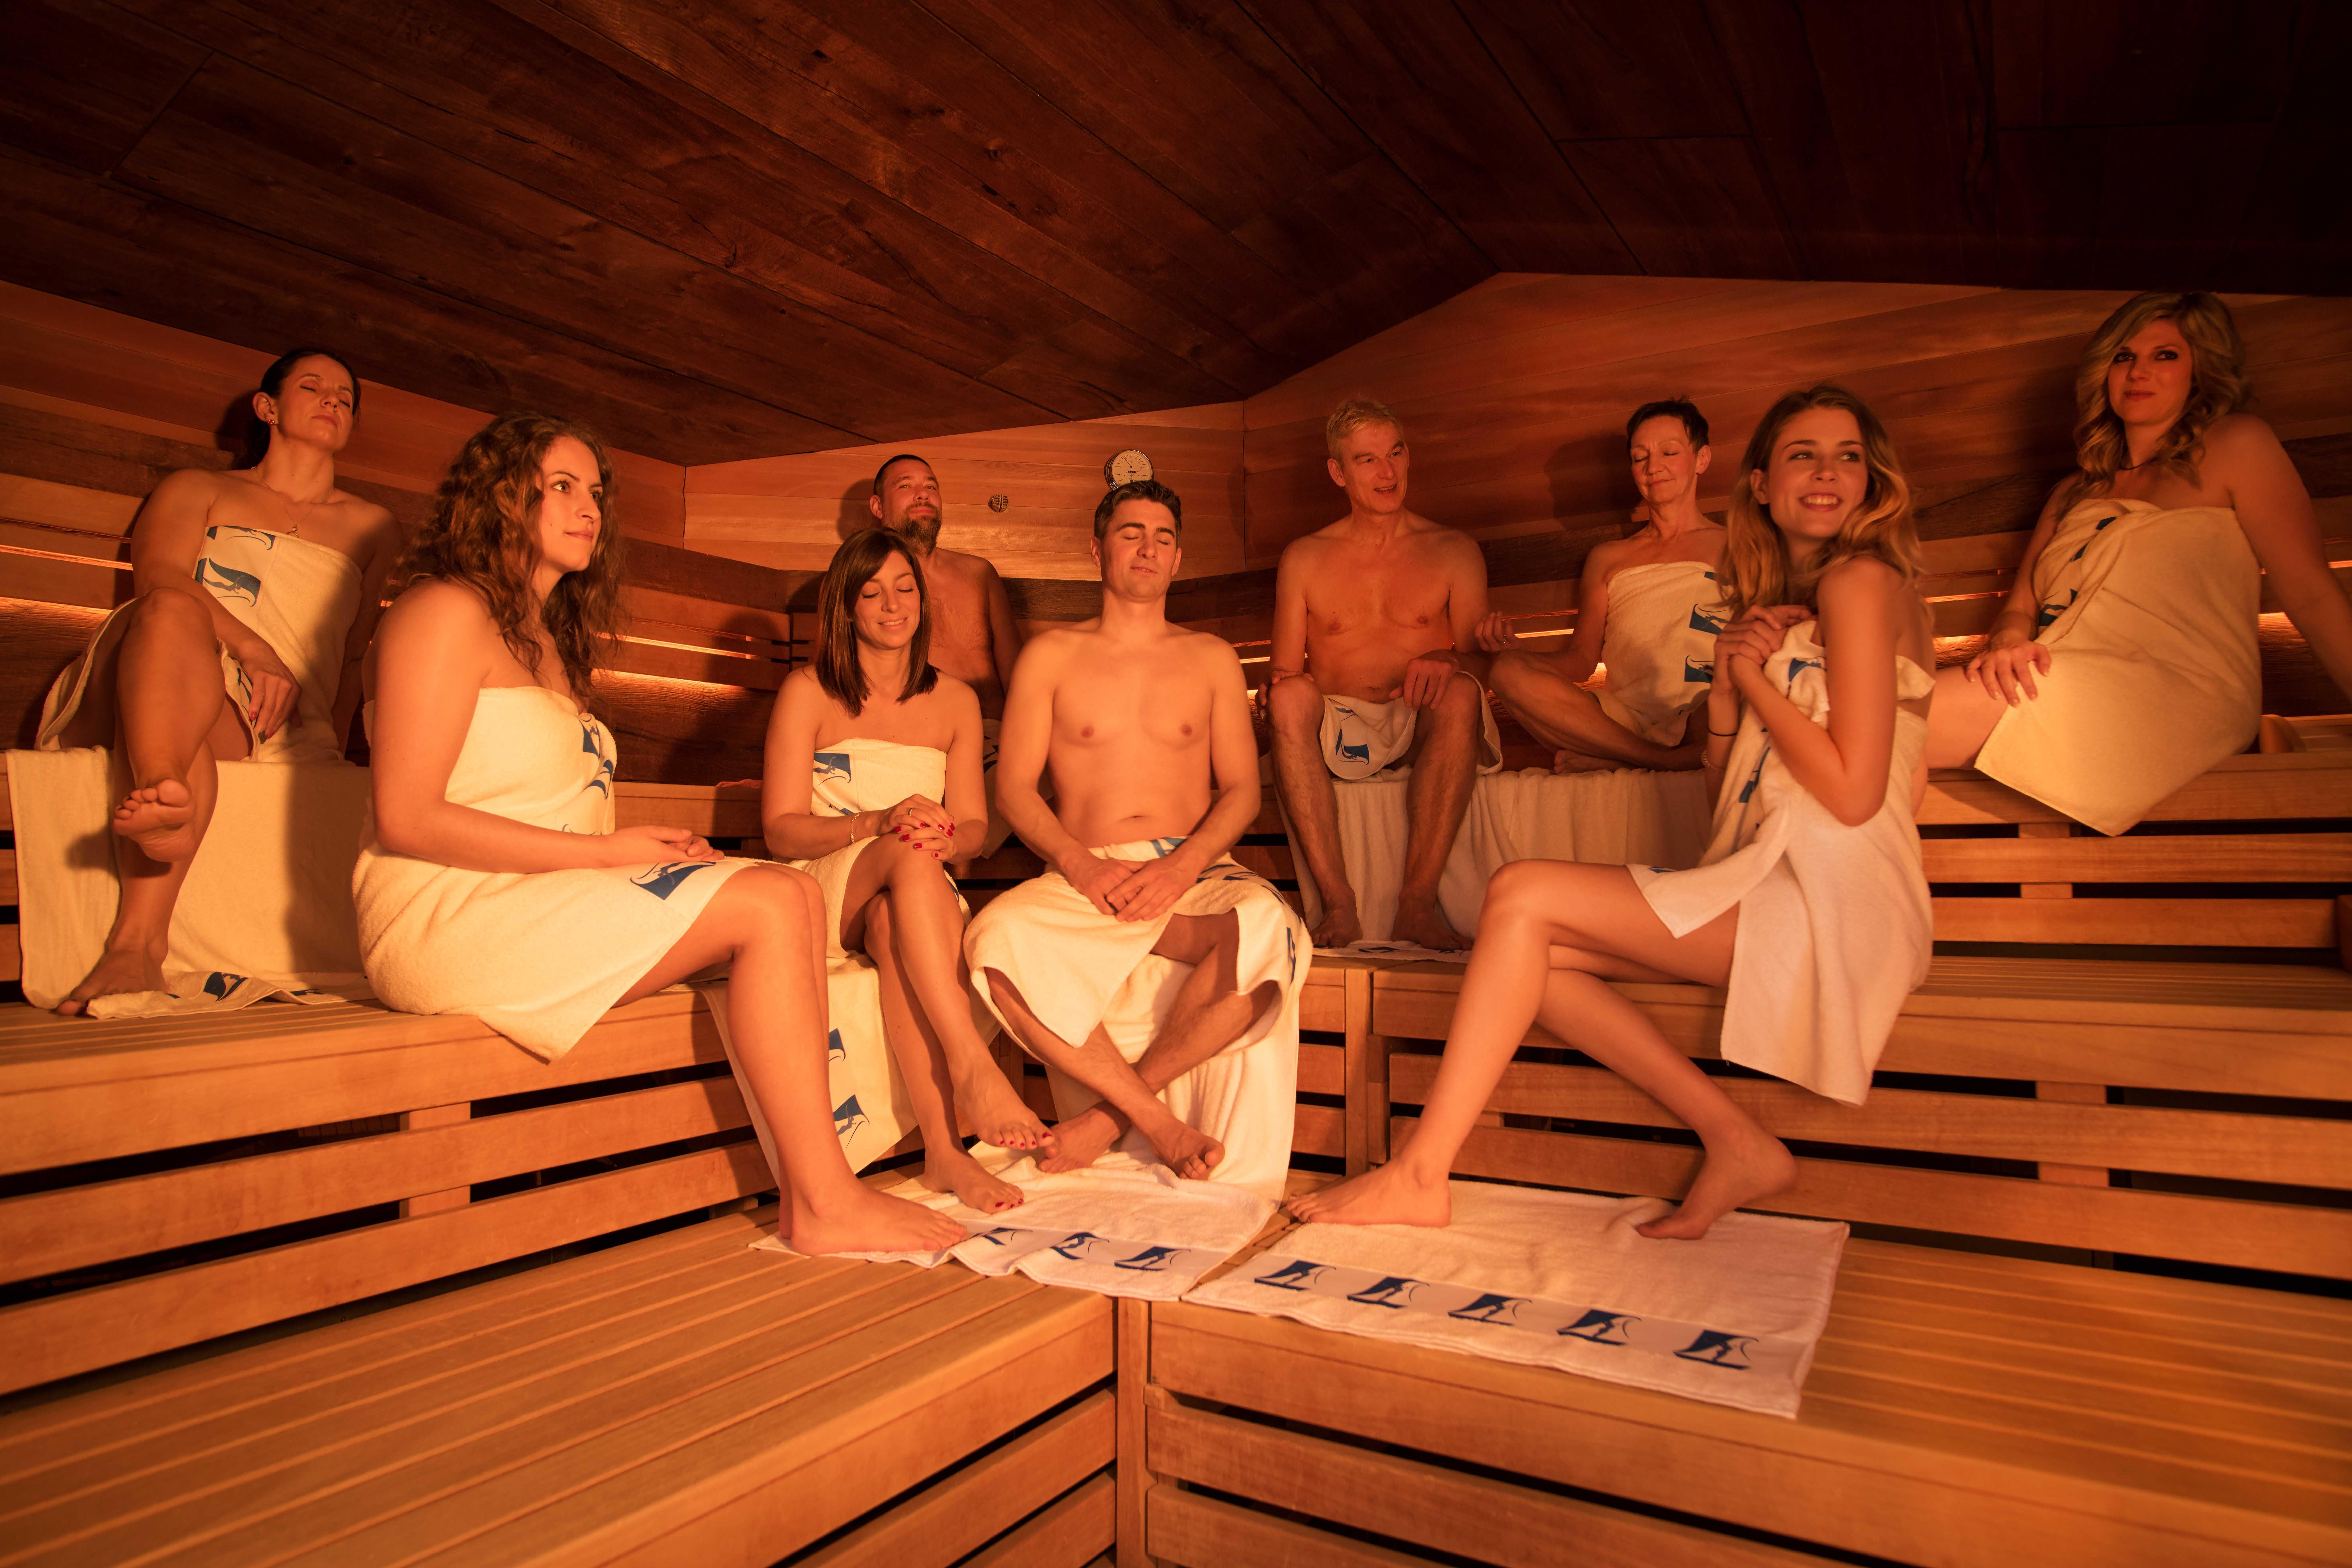 Gäste entspannen in der Sauna-Pinea der Paracelsus-Therme in der Nähe von Stuttgart, Ludwigsburg, Pforzheim & Böblingen